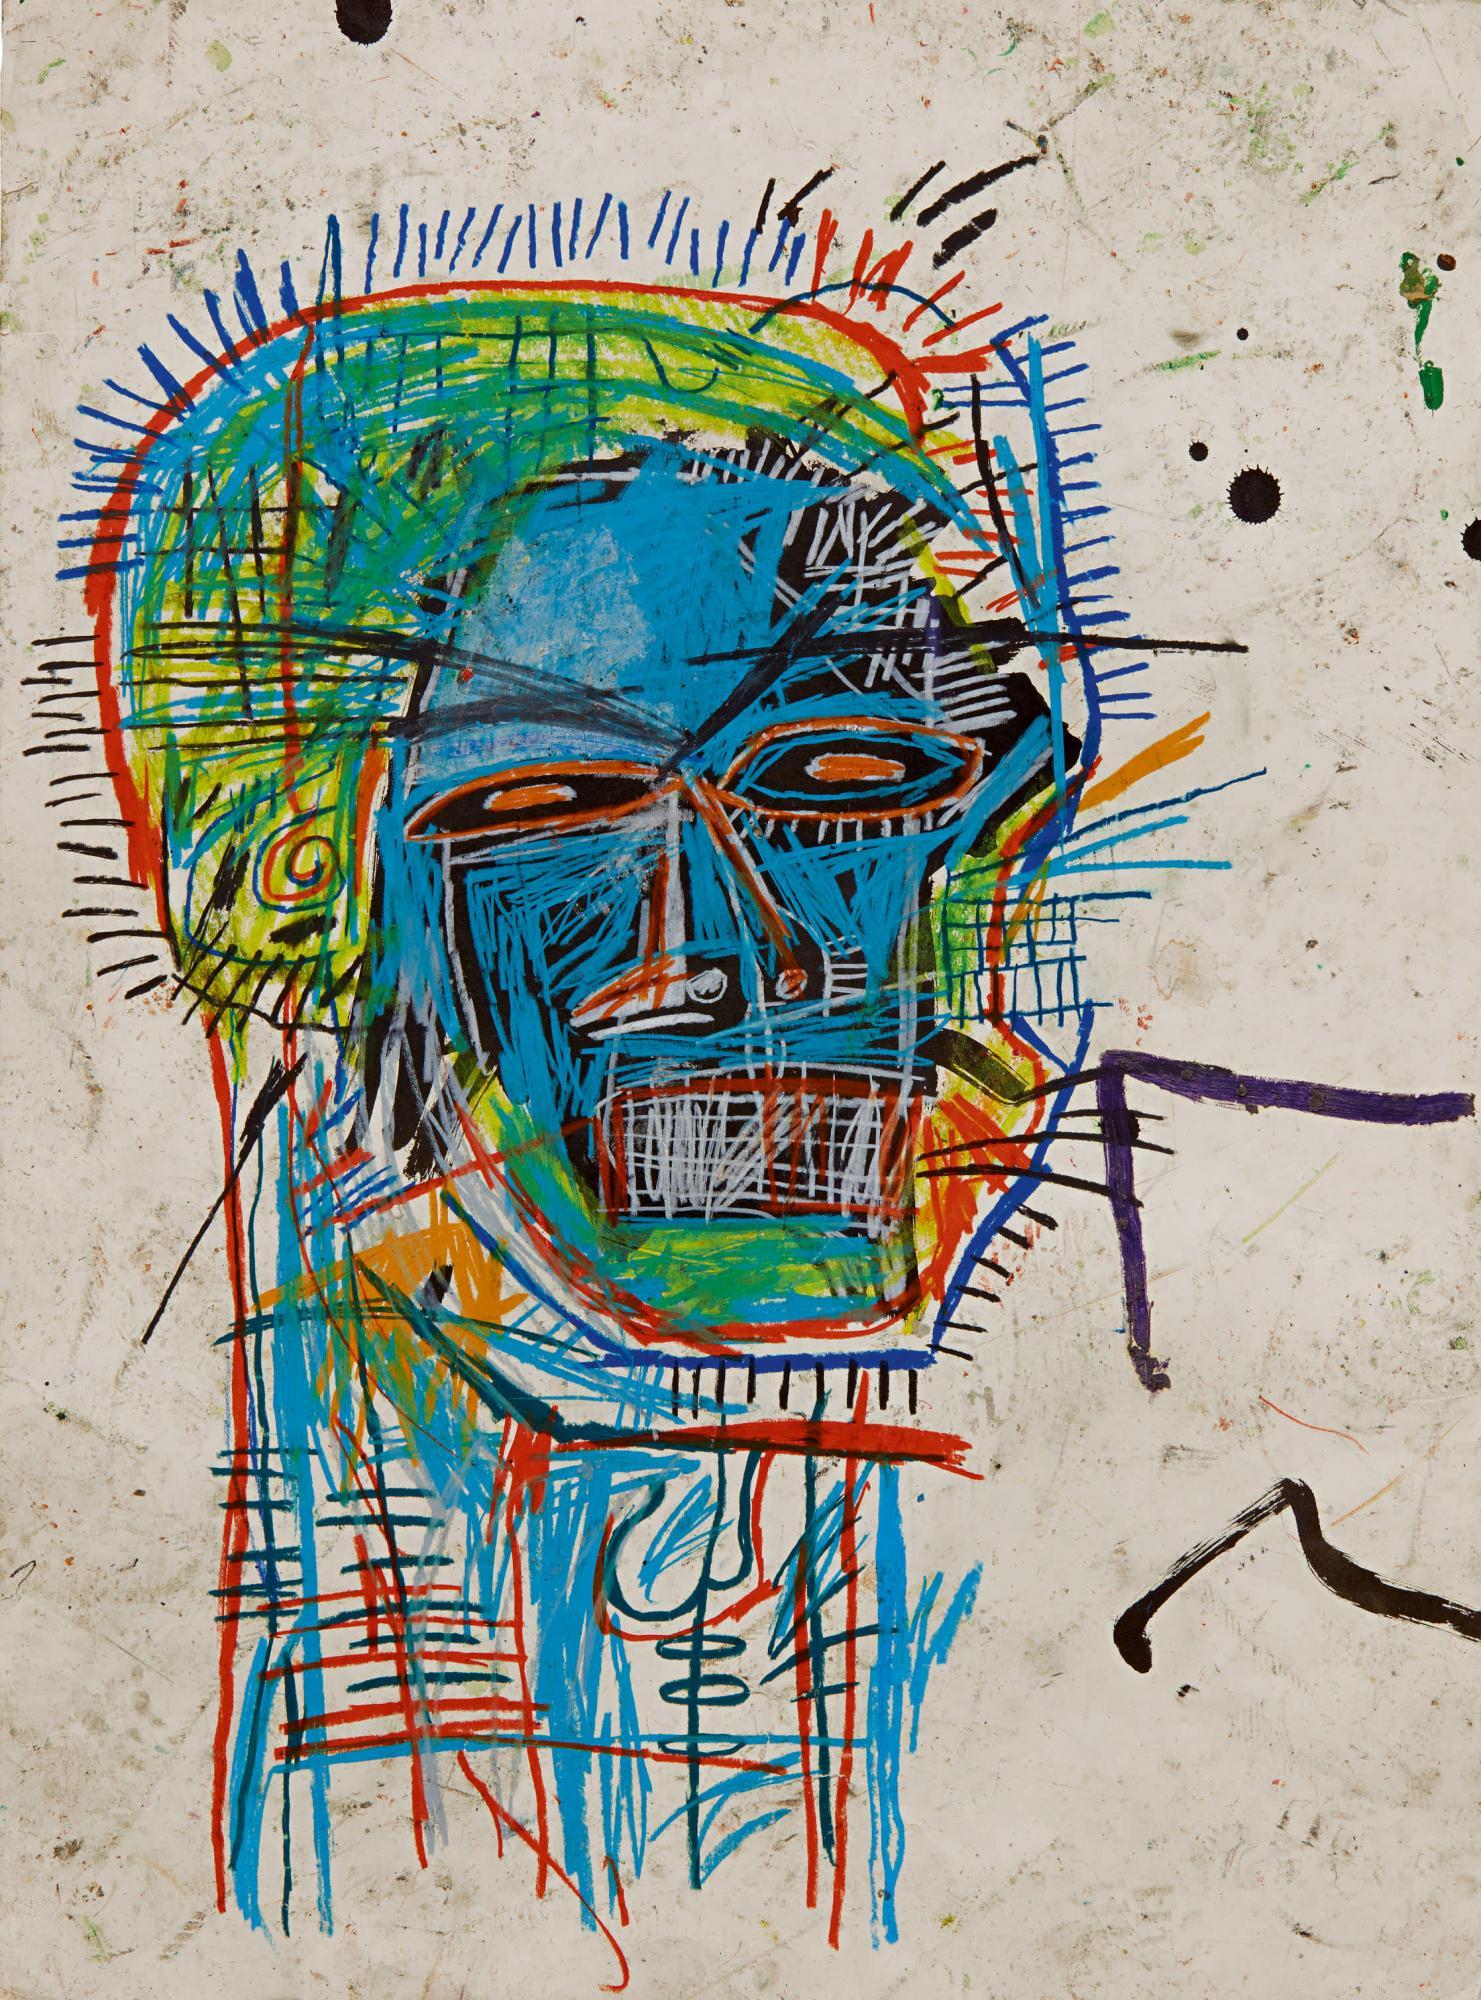 尚・米榭・巴斯奇亞(Jean-Michel Basquiat),《無題(頭部)Untitled(Head) 》,1982。